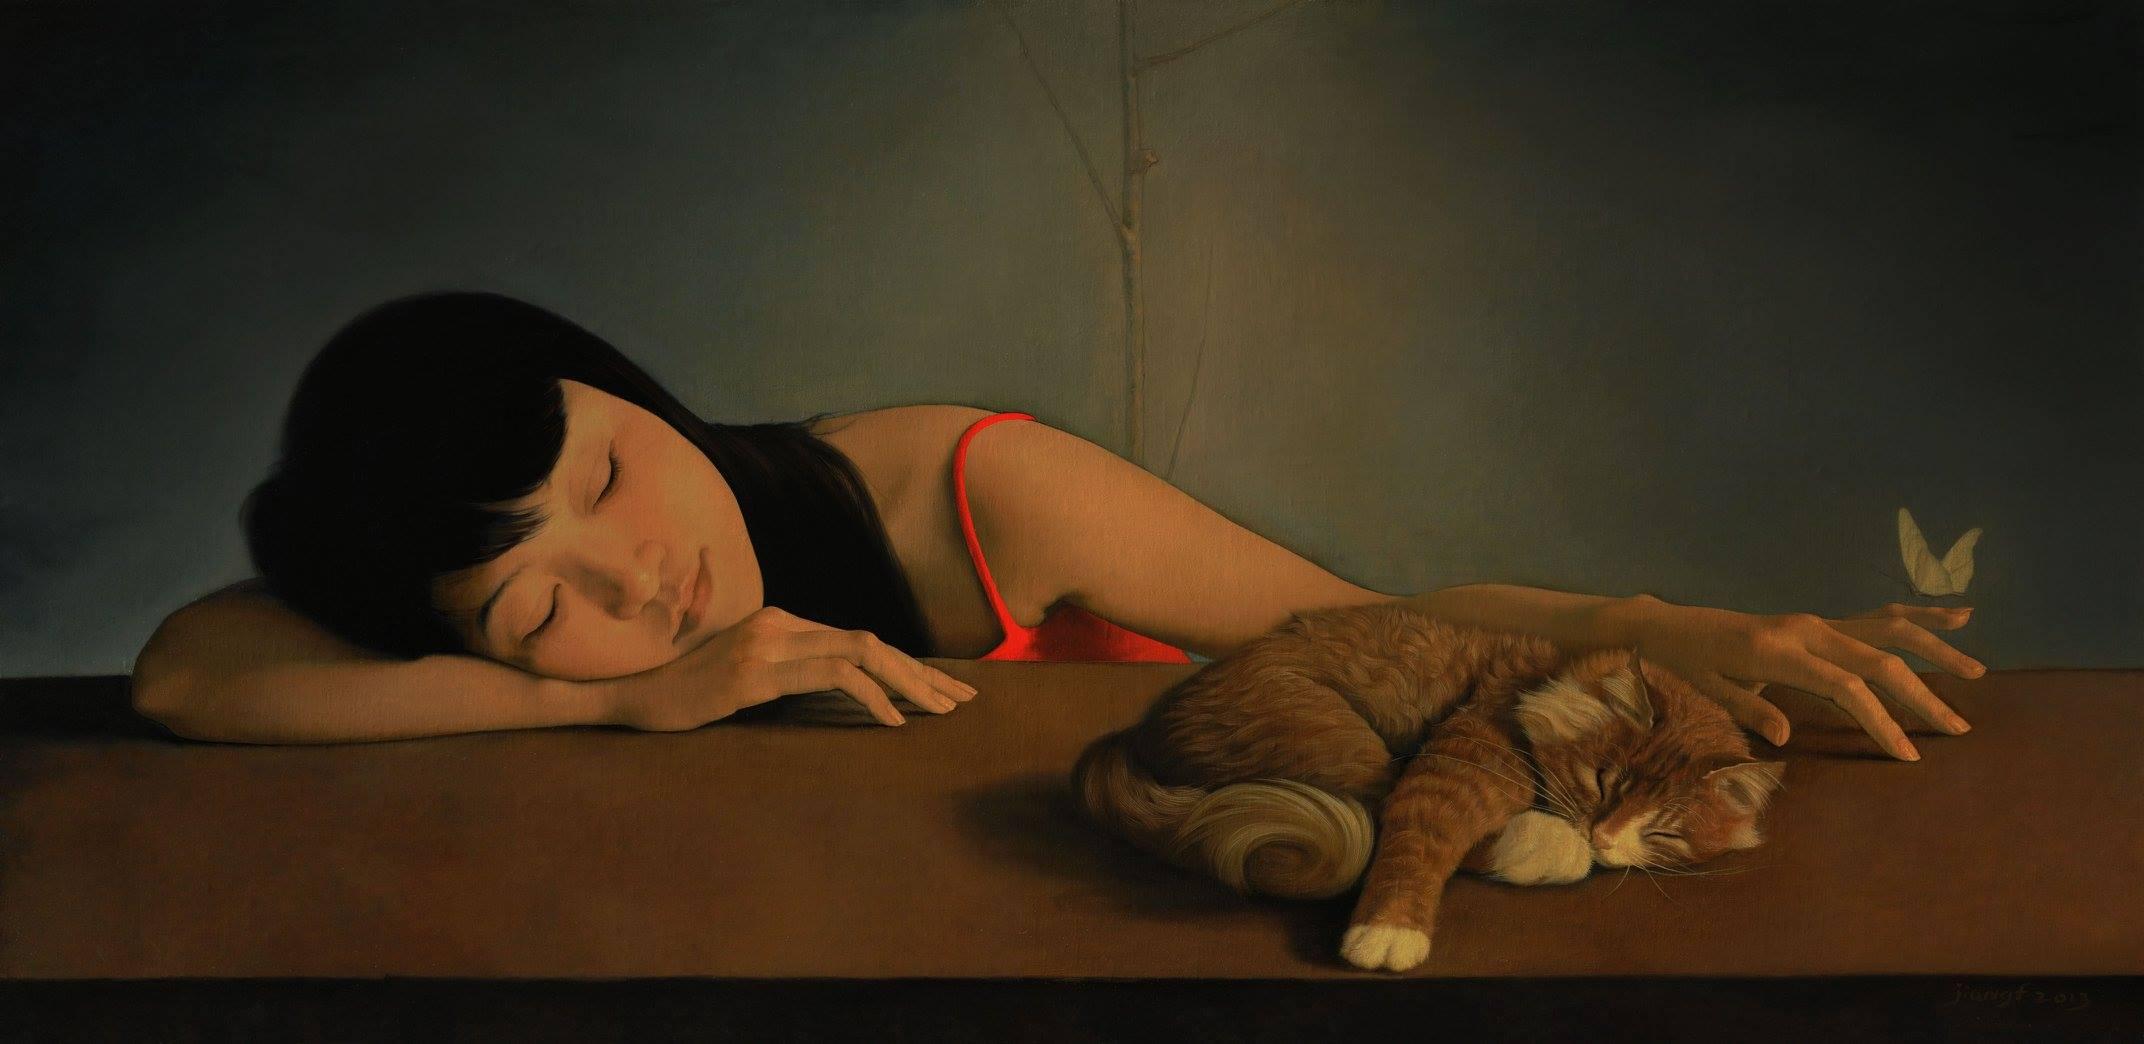 Картинка девушка спит за столом